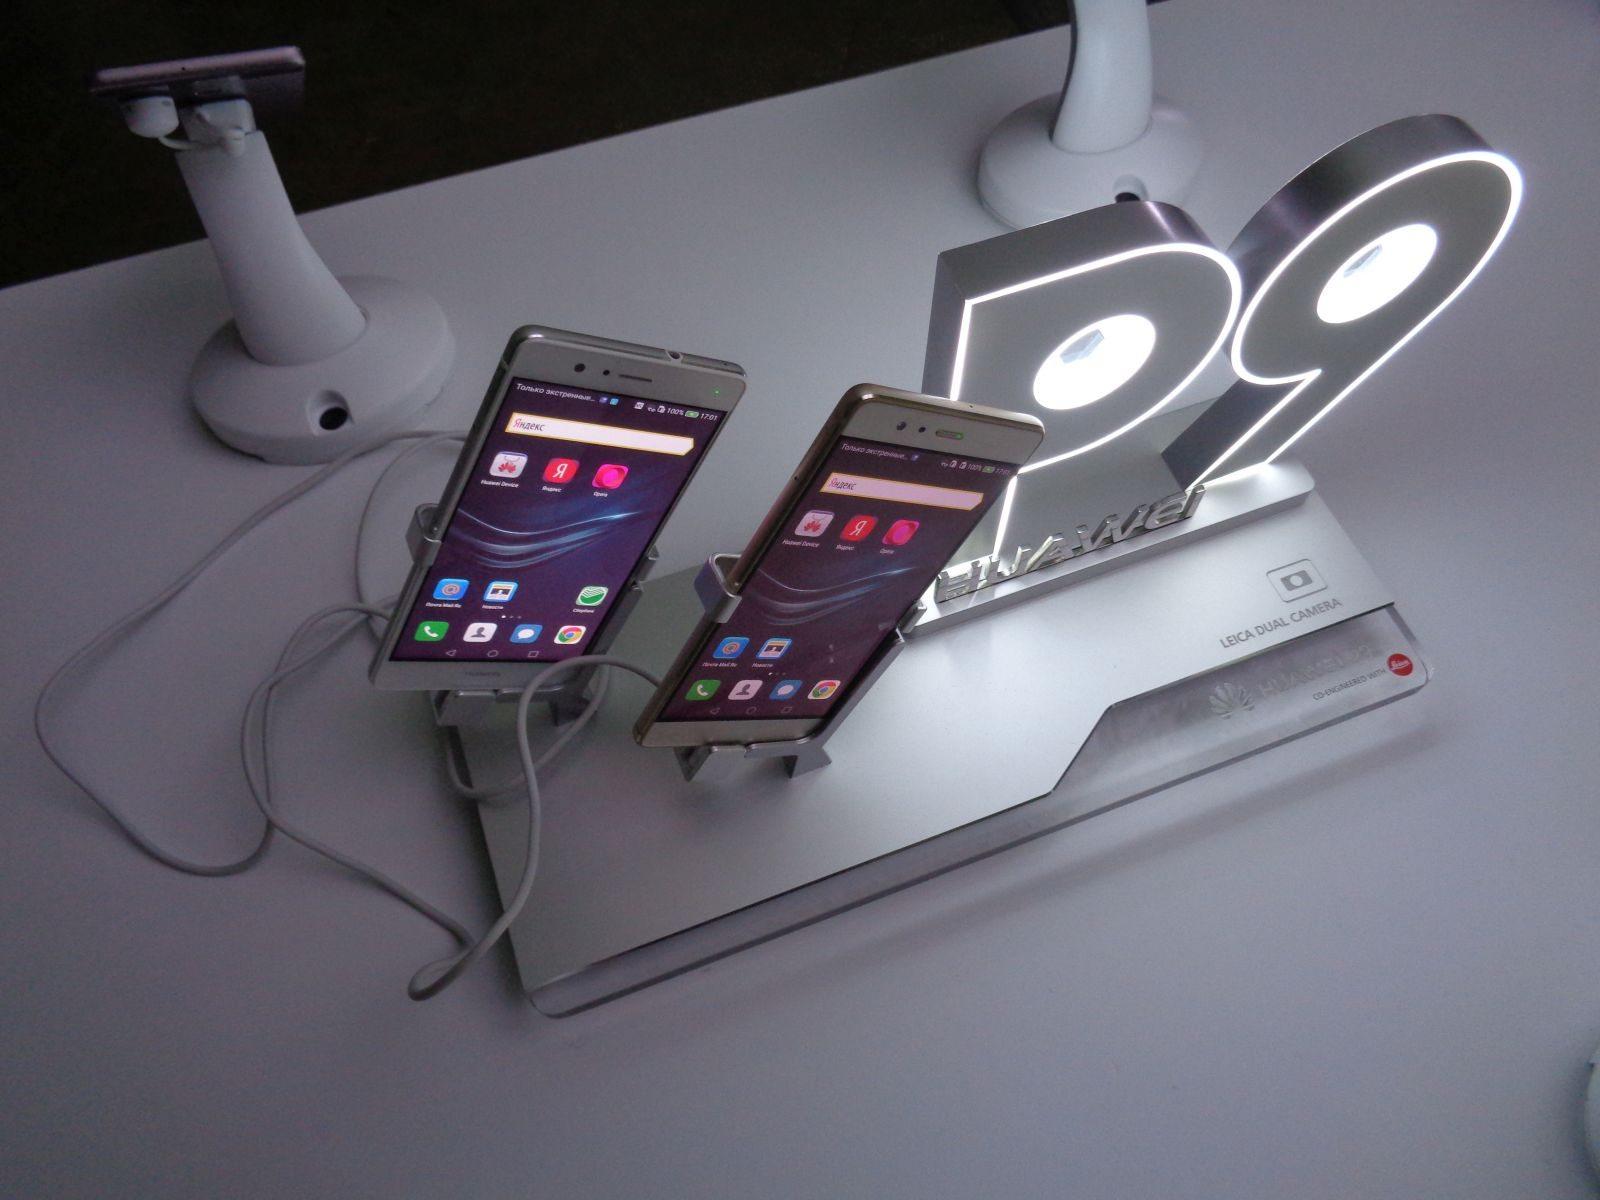 Презентация флагманских смартфонов линейки Huawei P9